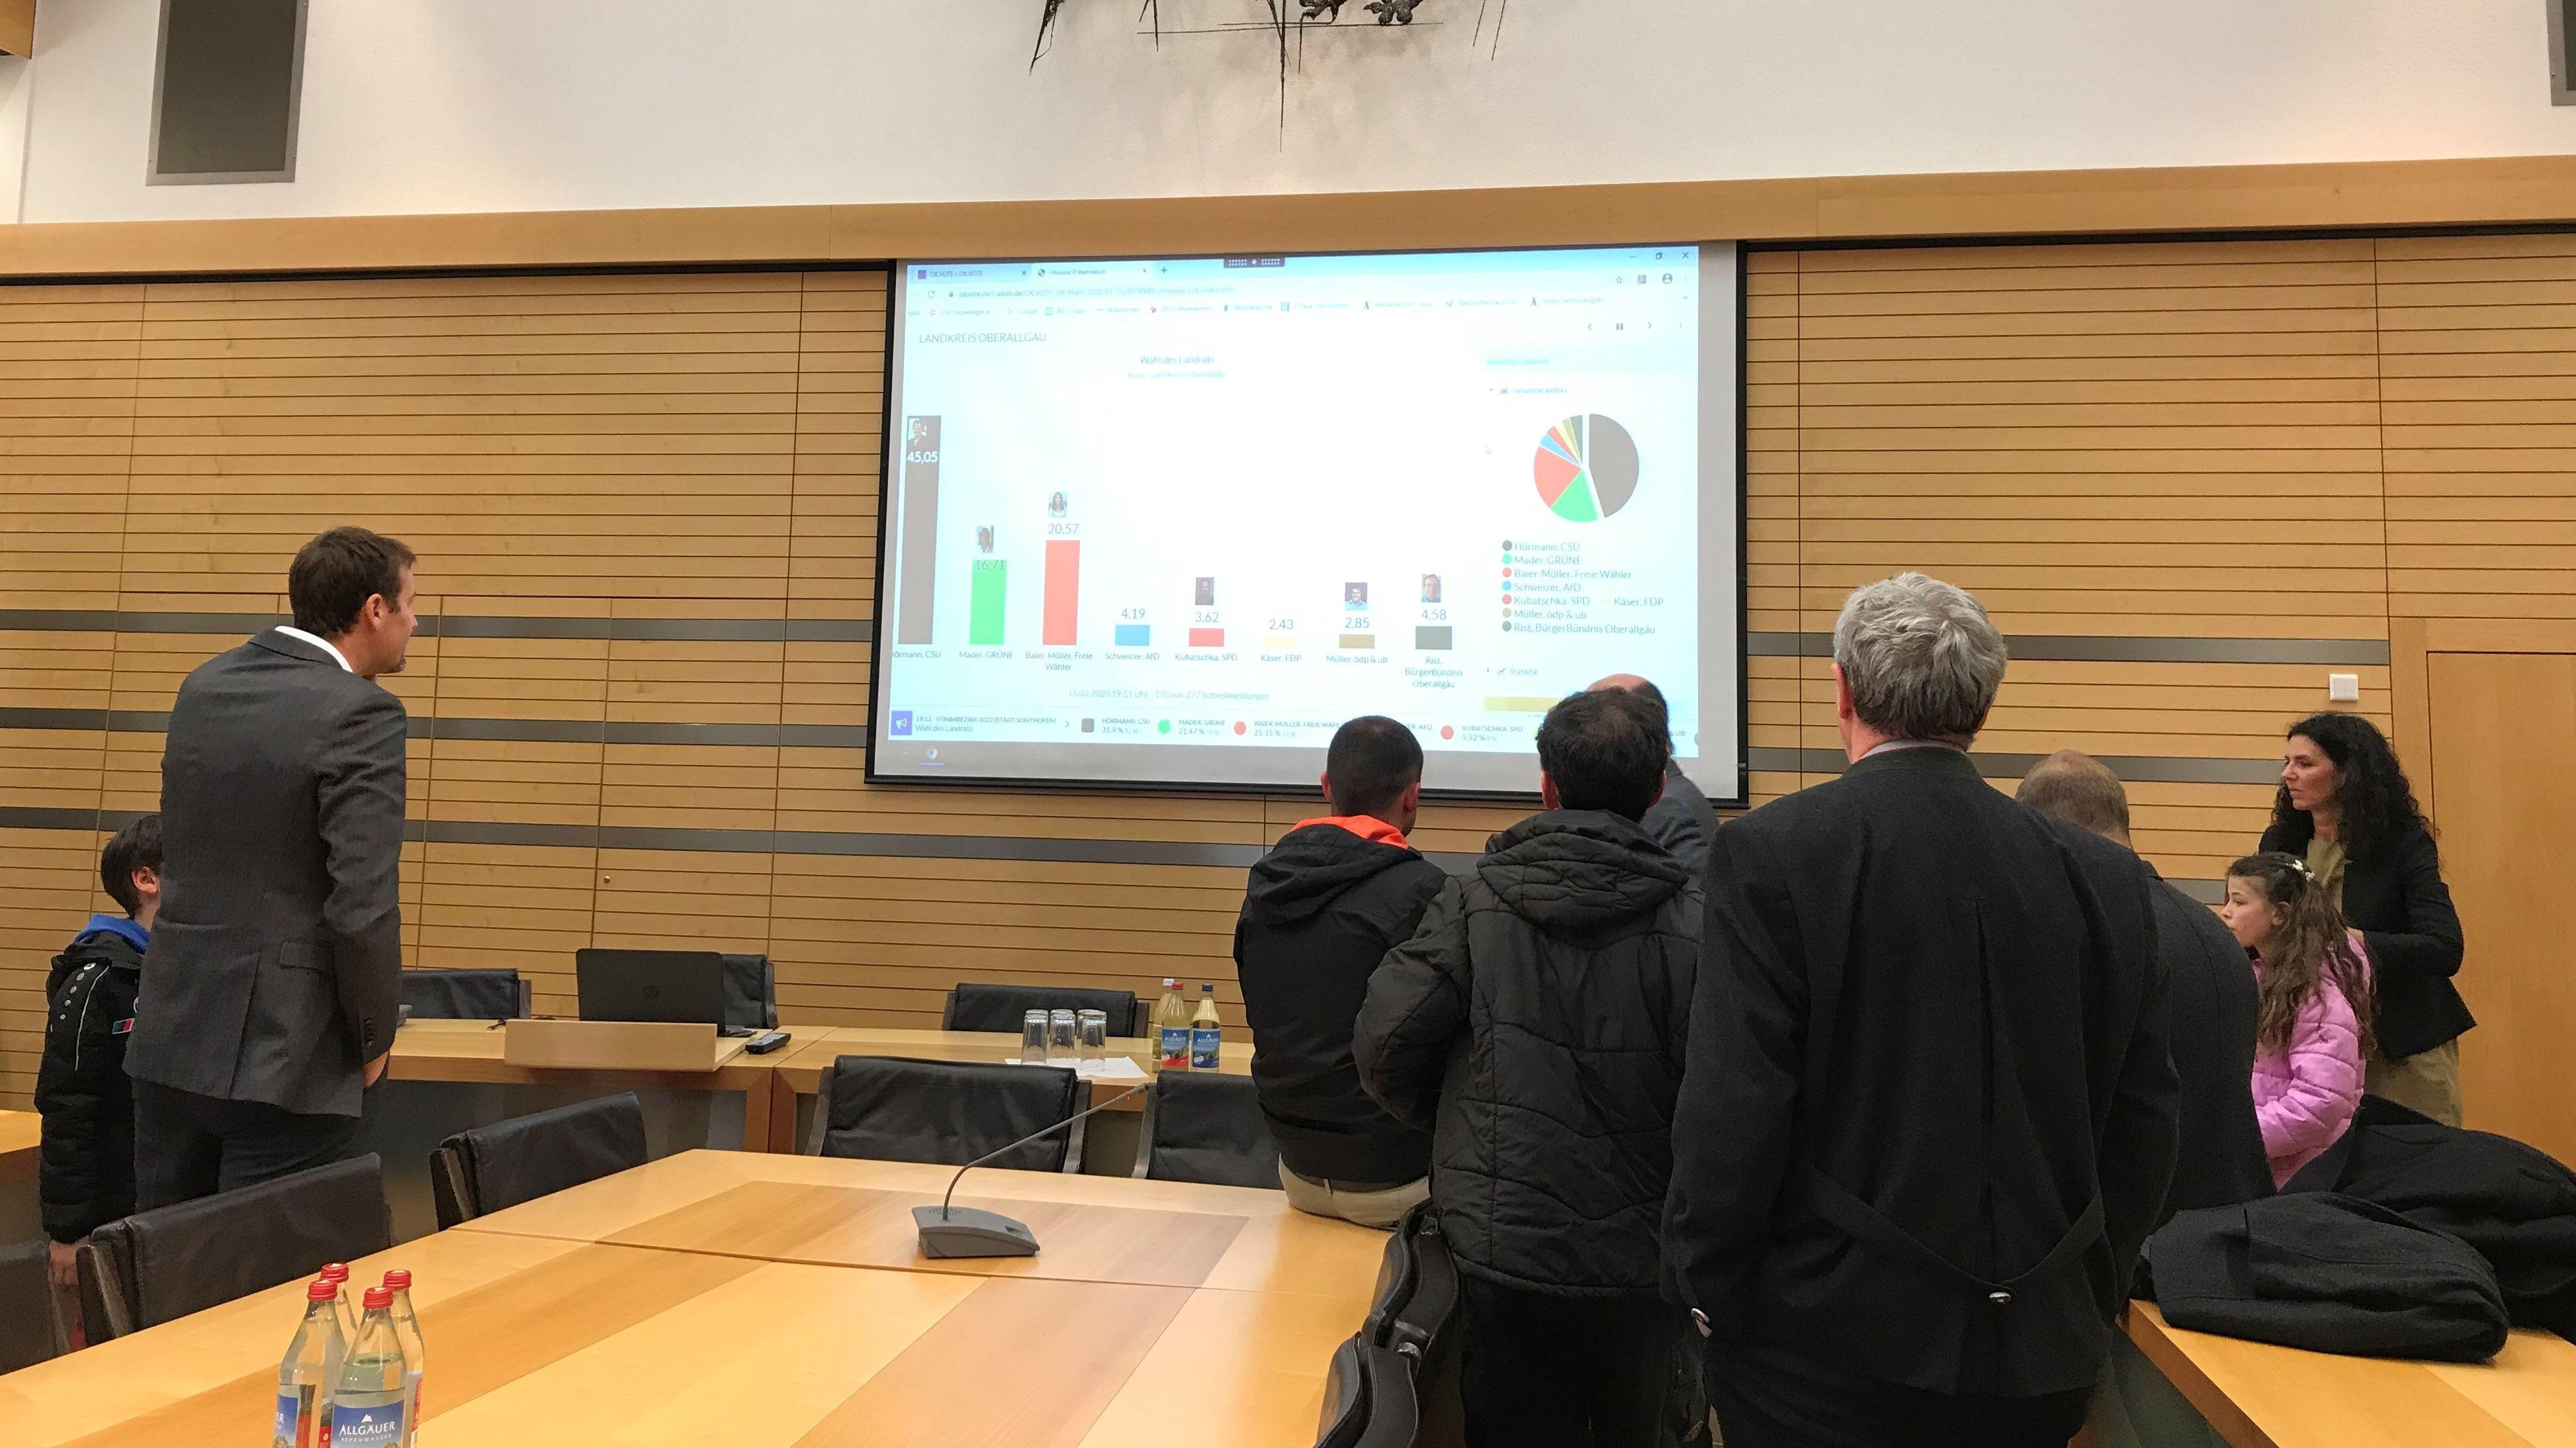 Bürger verfolgen die Auszählung der Stimmen im Landratsamt Oberallgäu